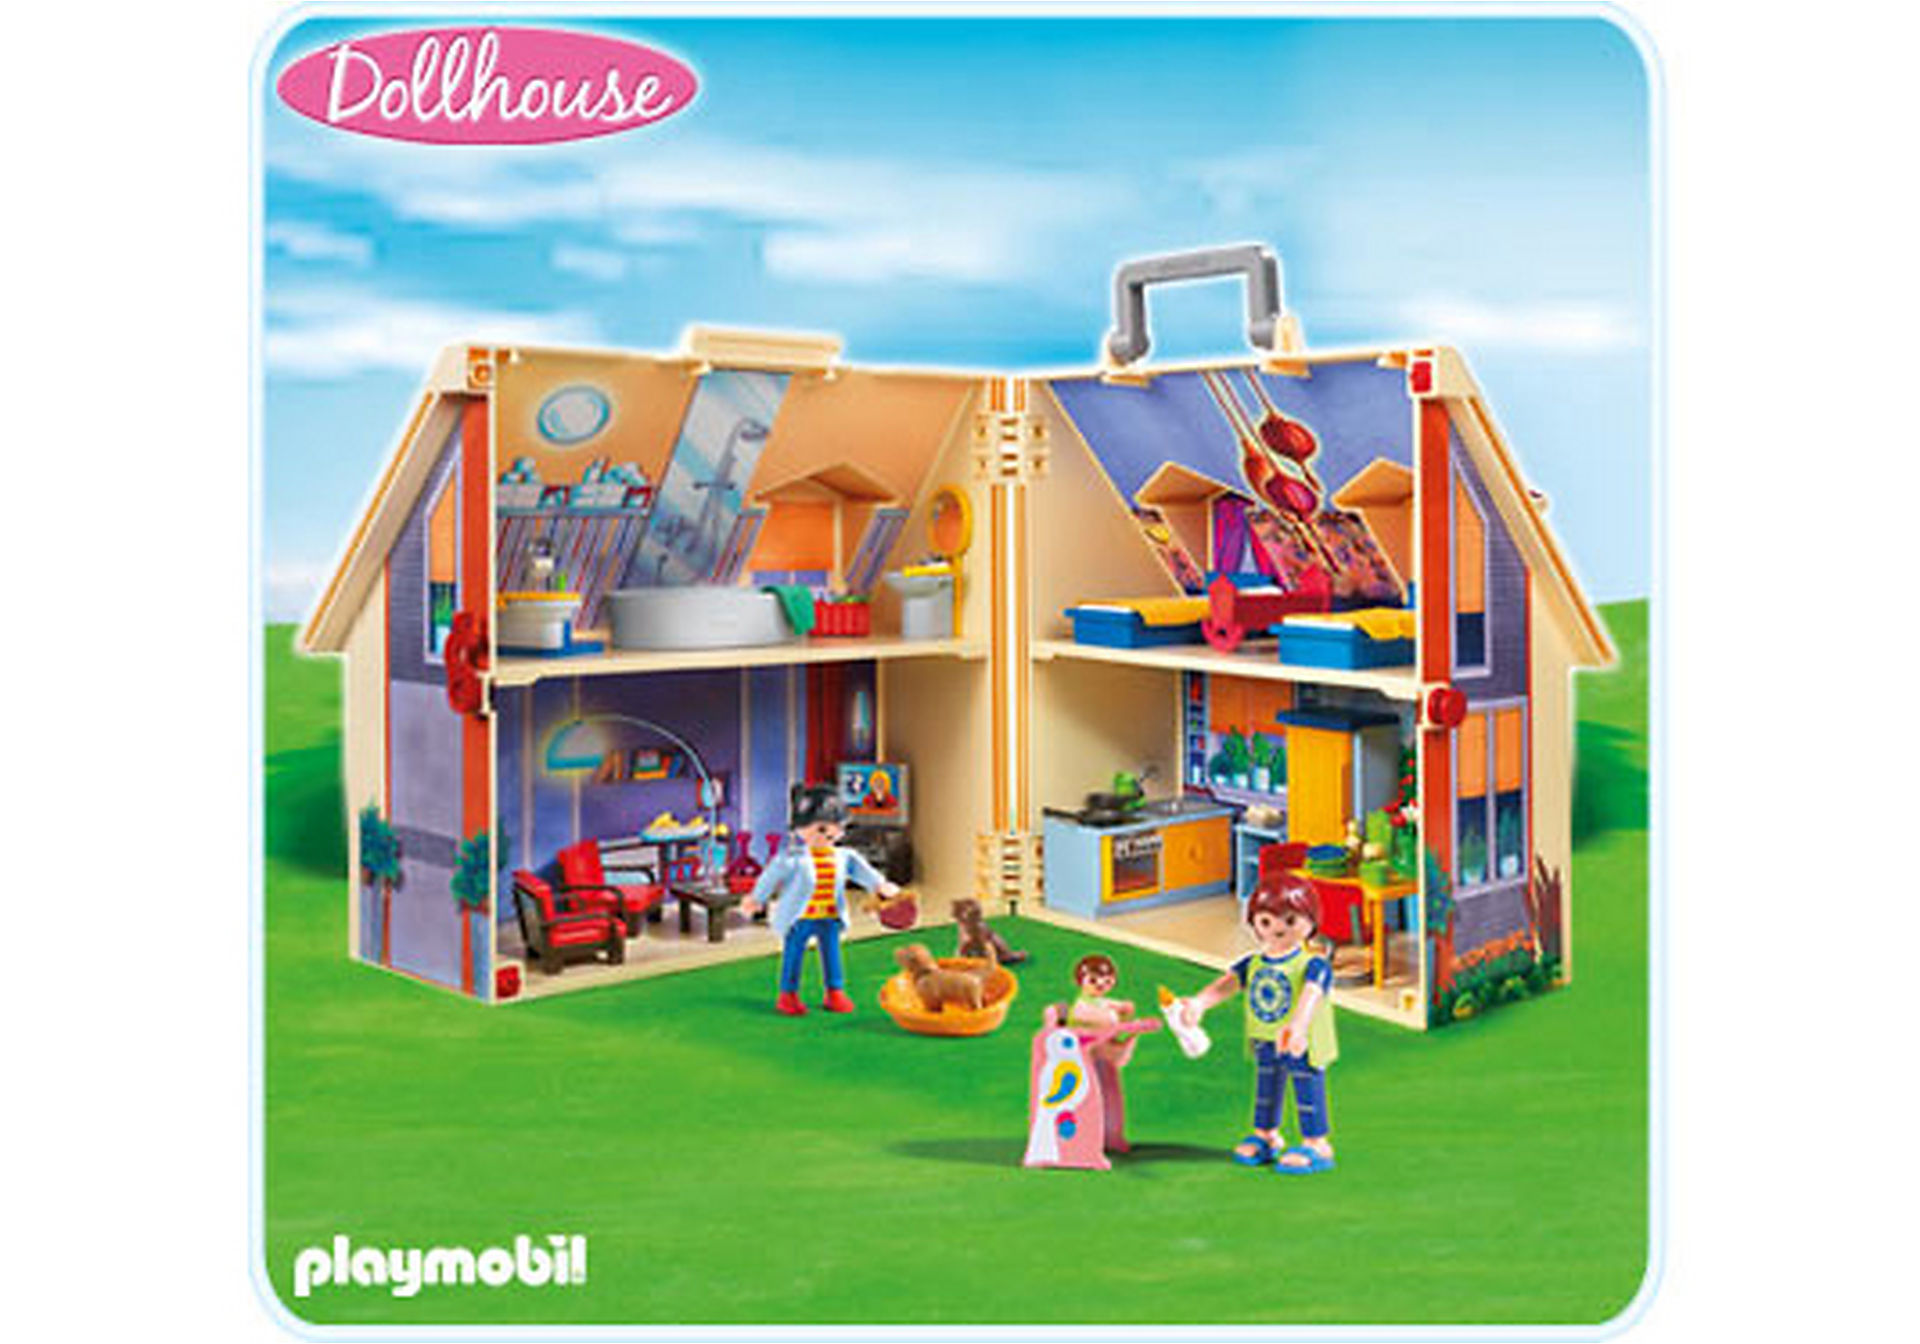 Maison transportable 5167 a playmobil suisse Maison transportable